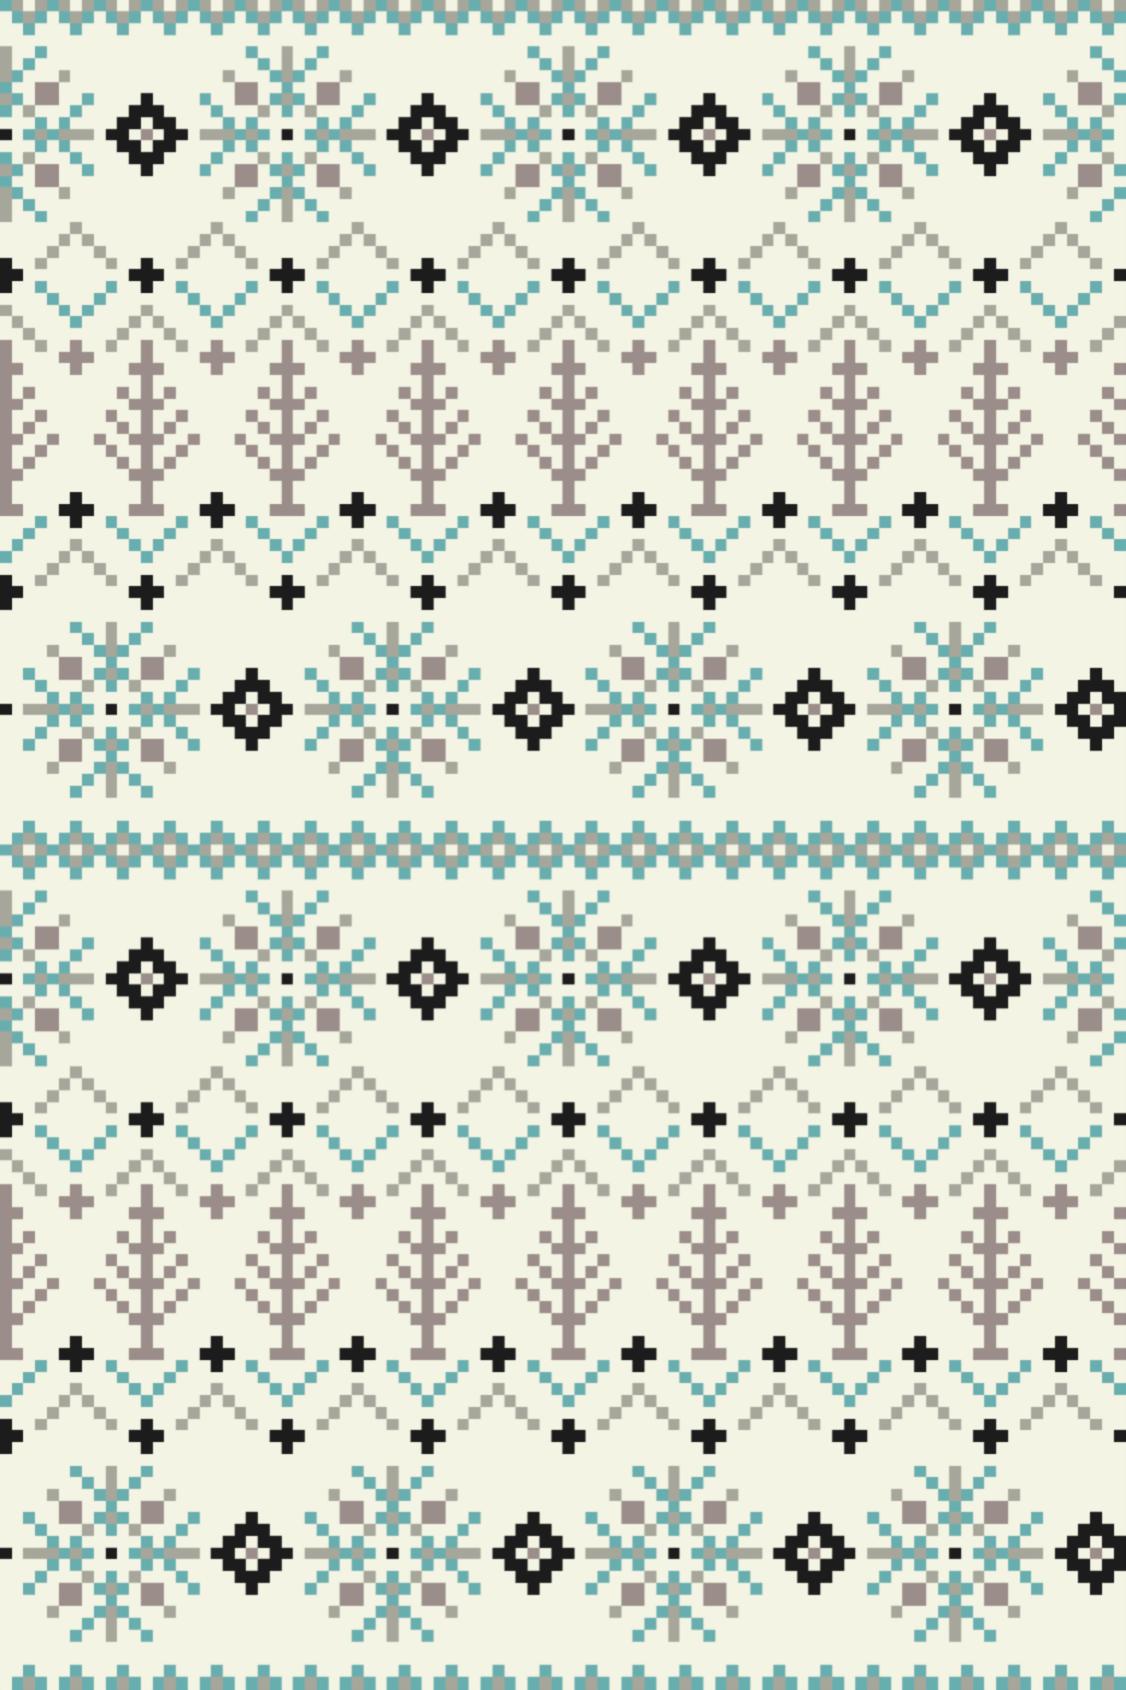 TenVinilo. Alfombra vinilo nórdica diseño tradicional. Una alfombra vinilo nórdica única con diseño tradicional nórdico que te ayudará a decorar cualquier estancia de tu hogar ¡Envío exprés!